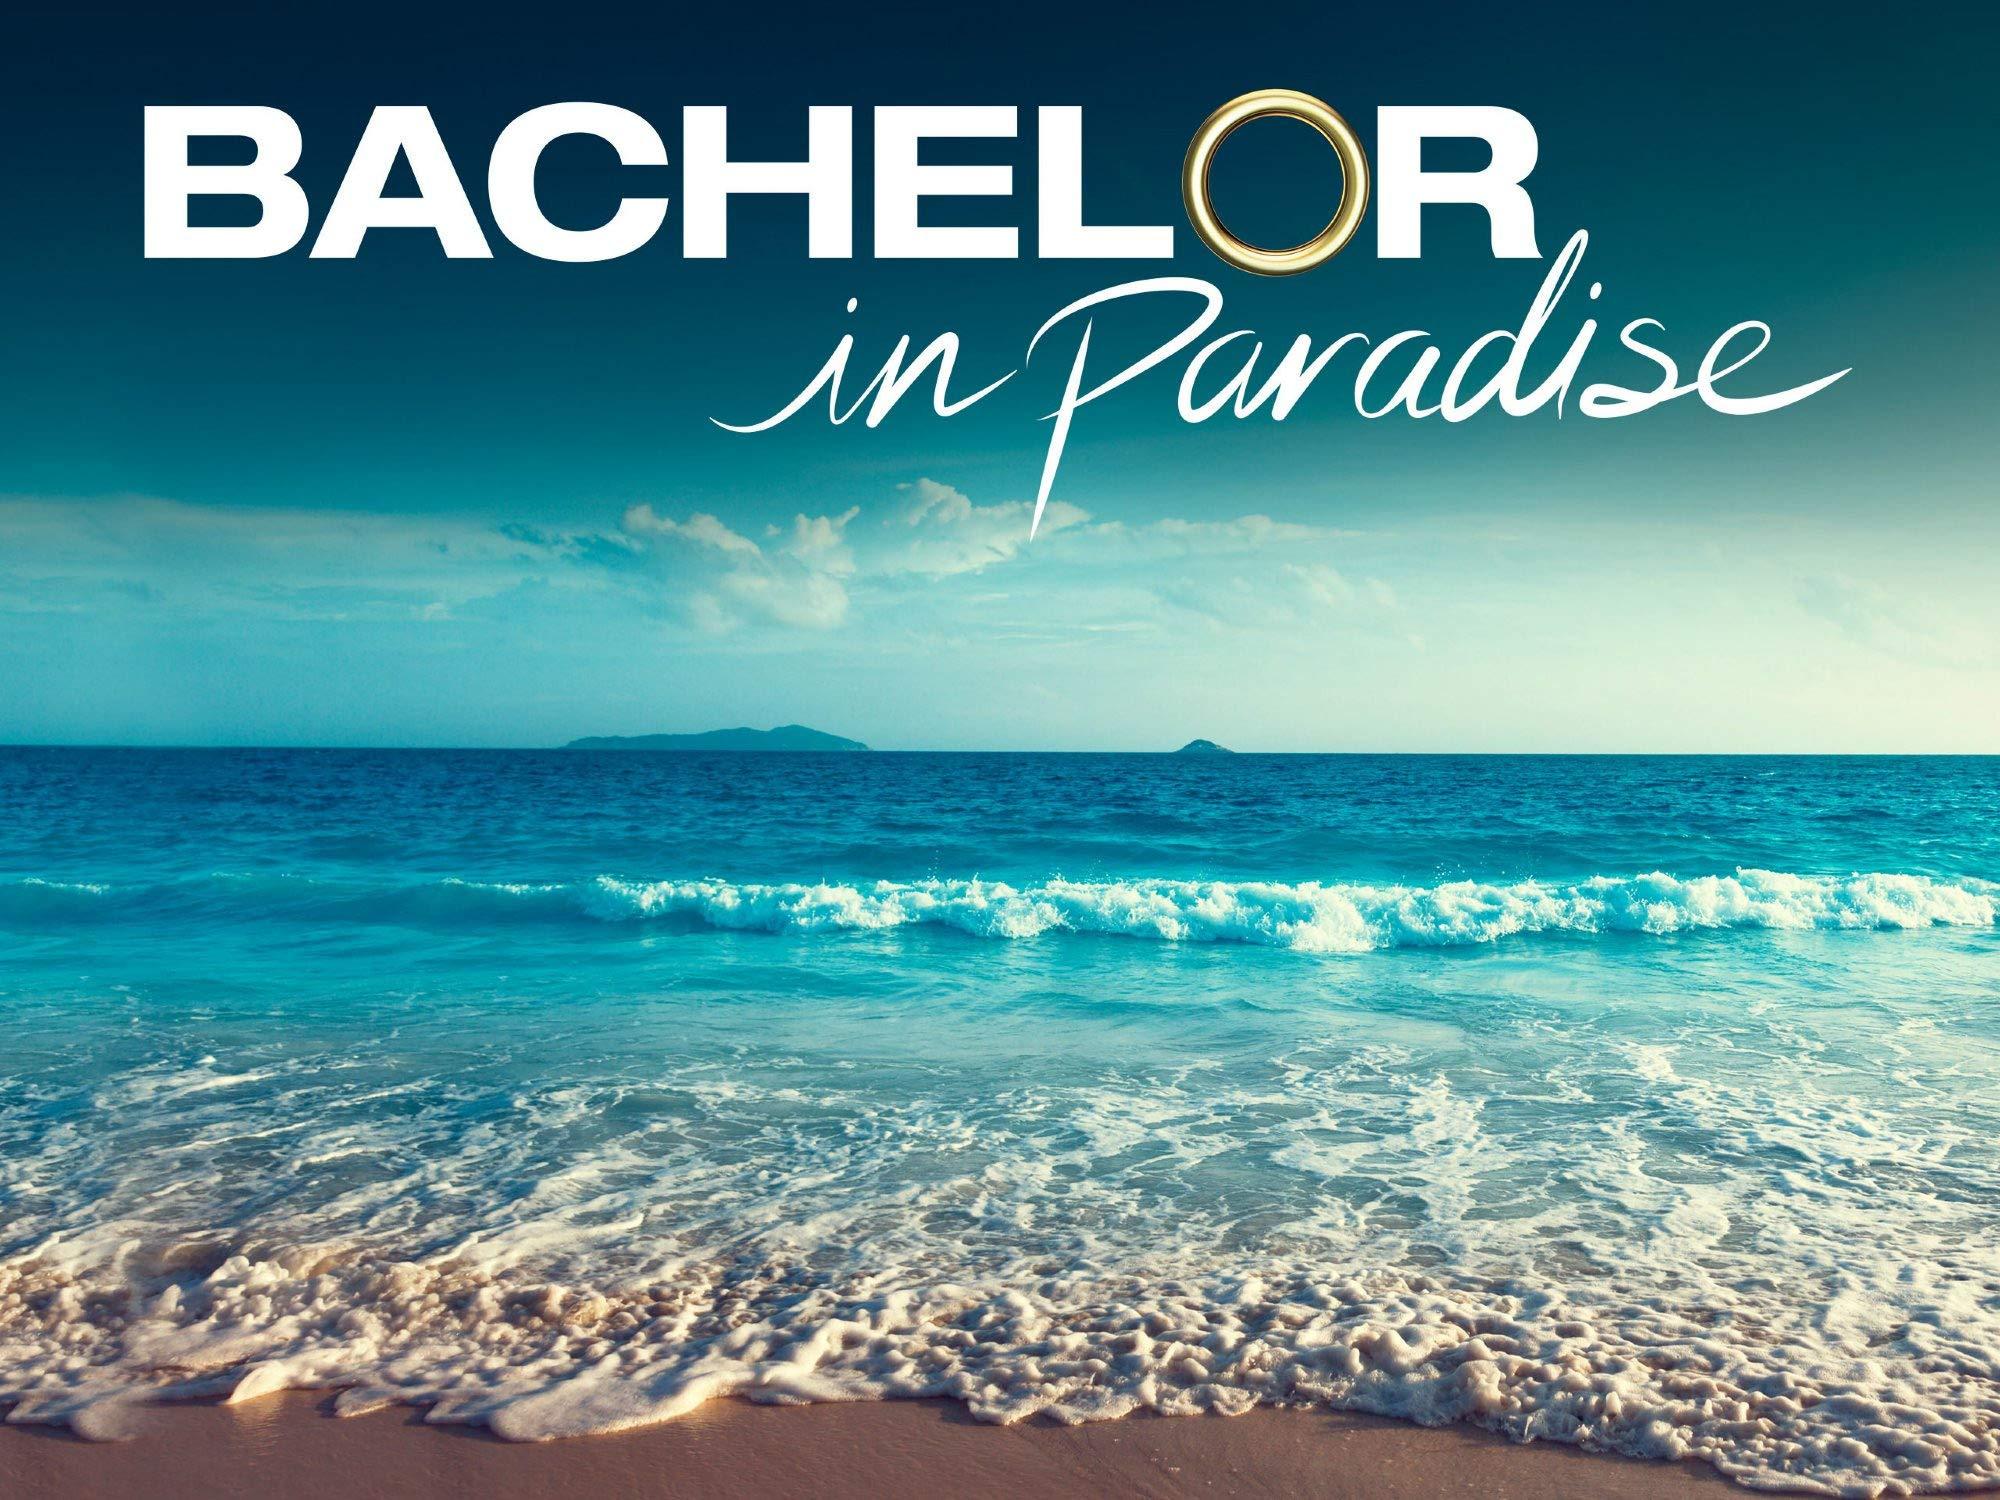 watch bachelor in paradise season 5 online free